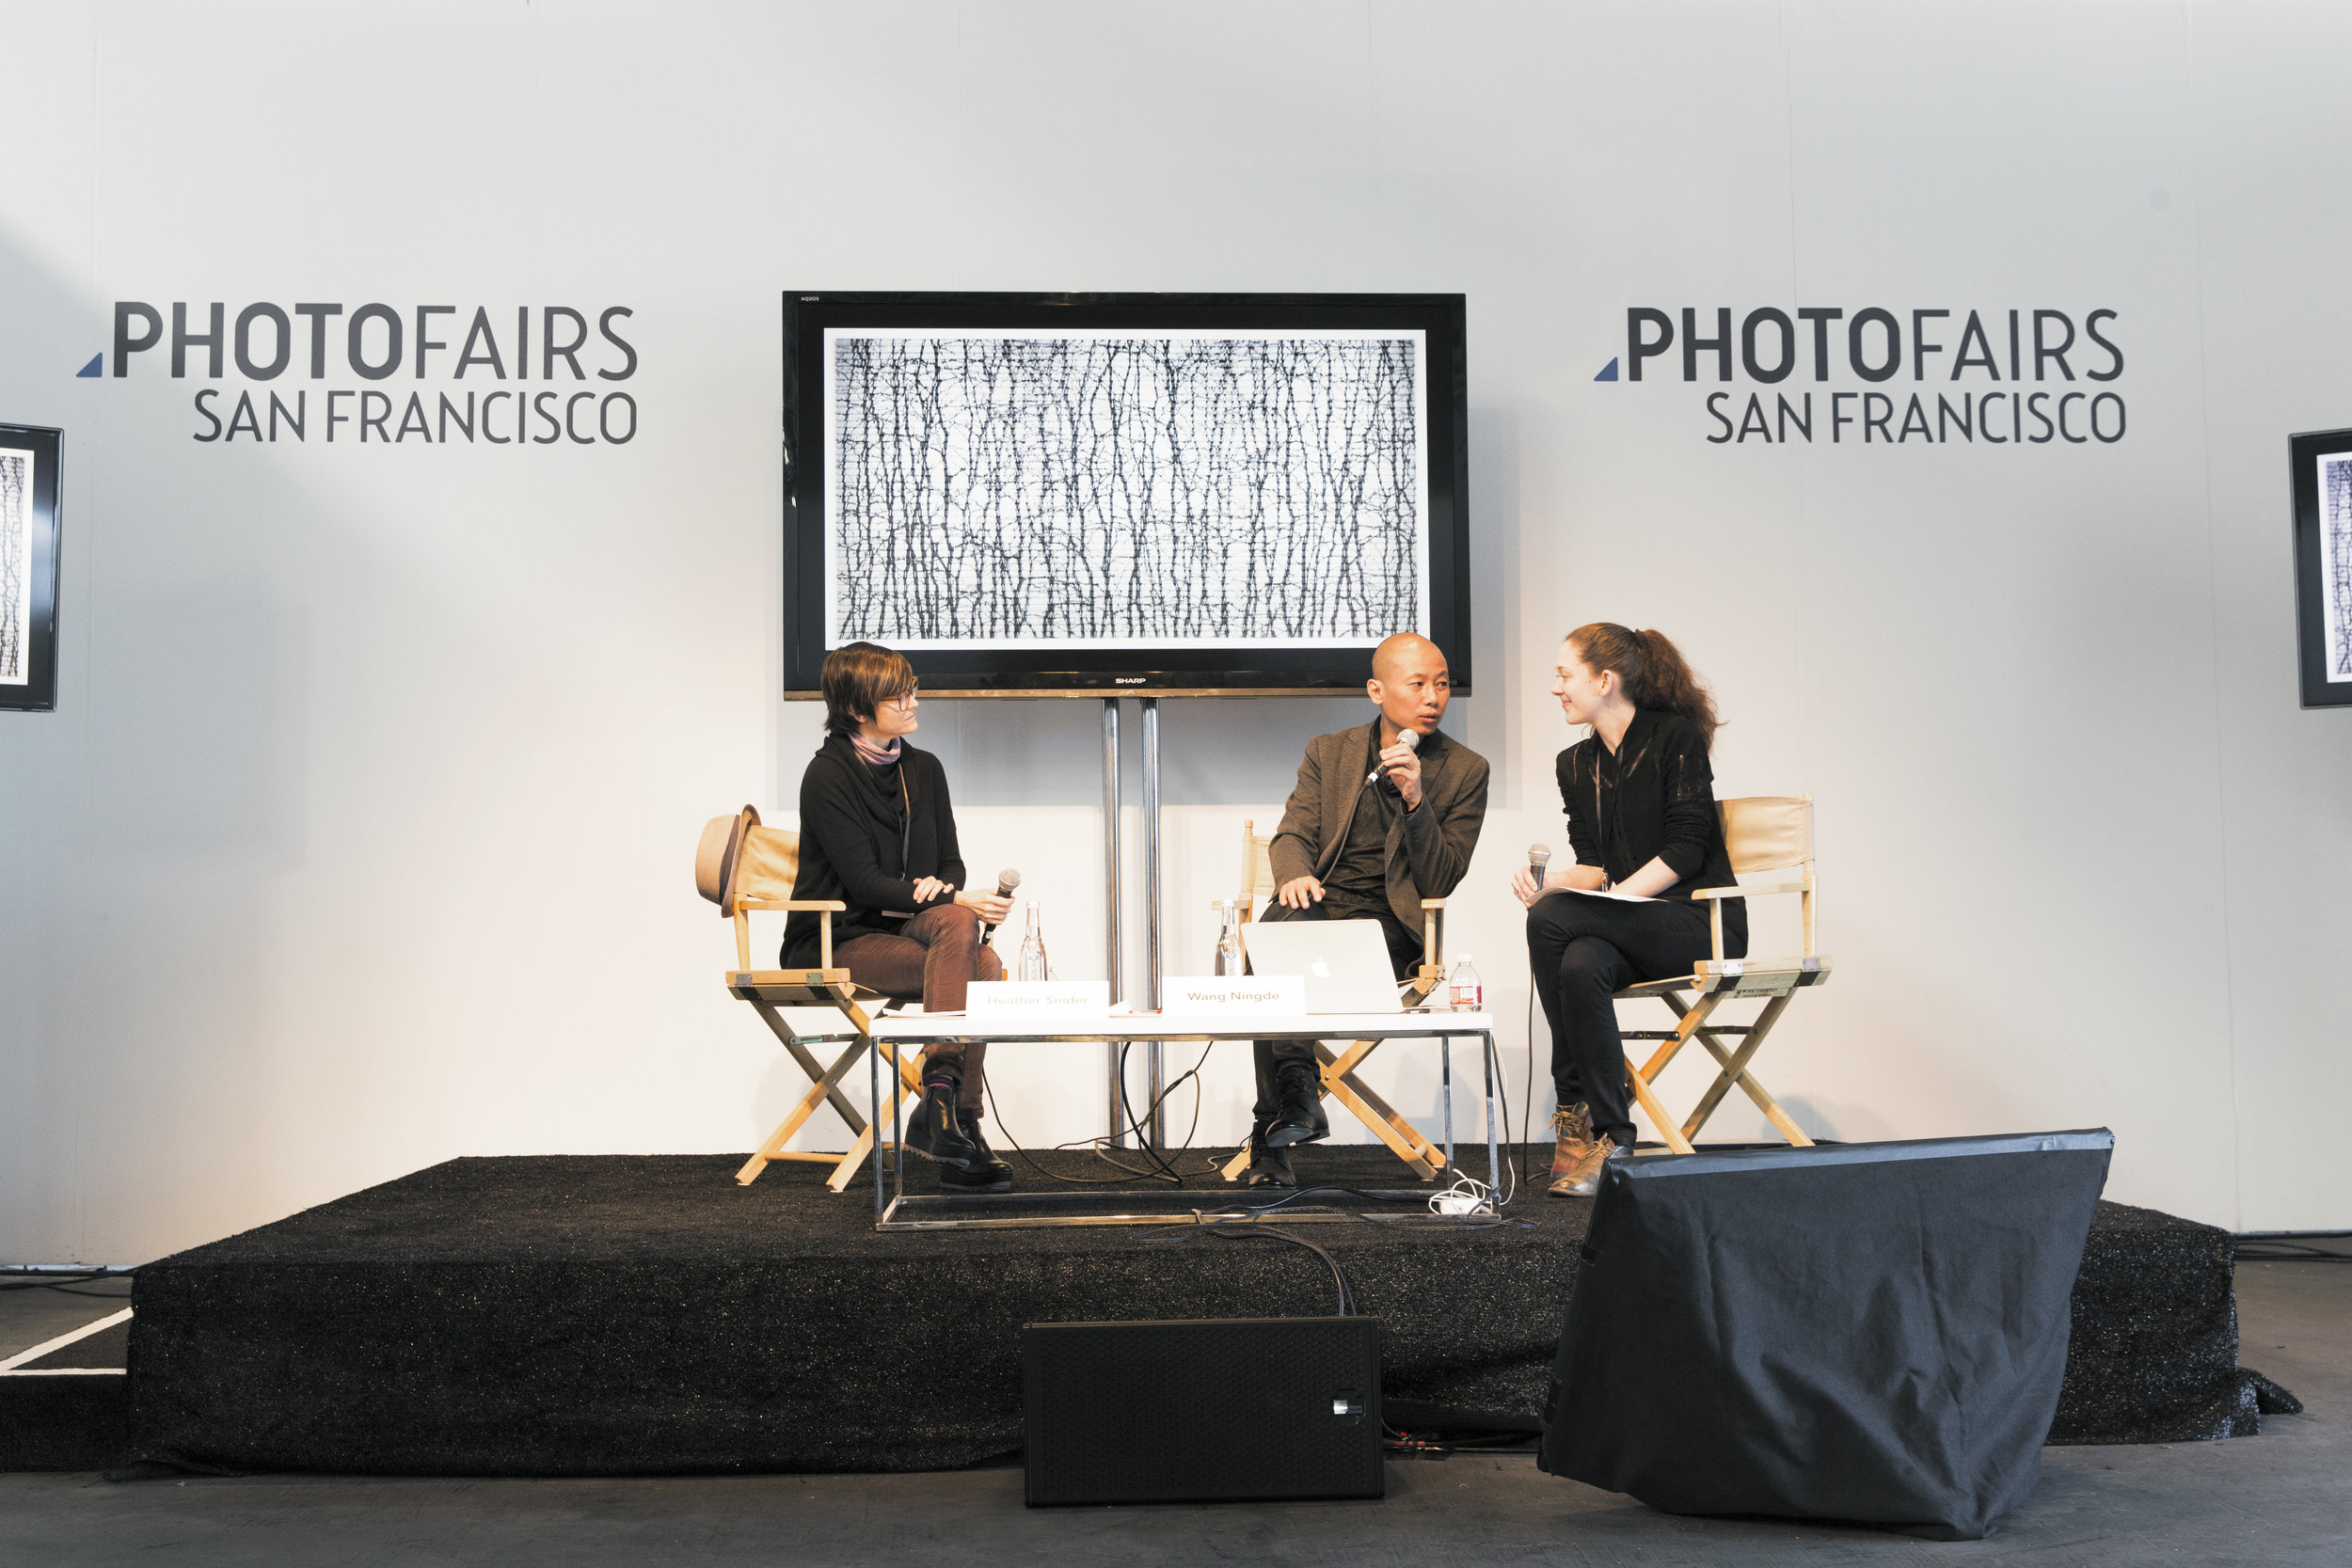 © Heather Snider and Wang Ningde, Conversations - PHOTOFAIRS  San Francisco